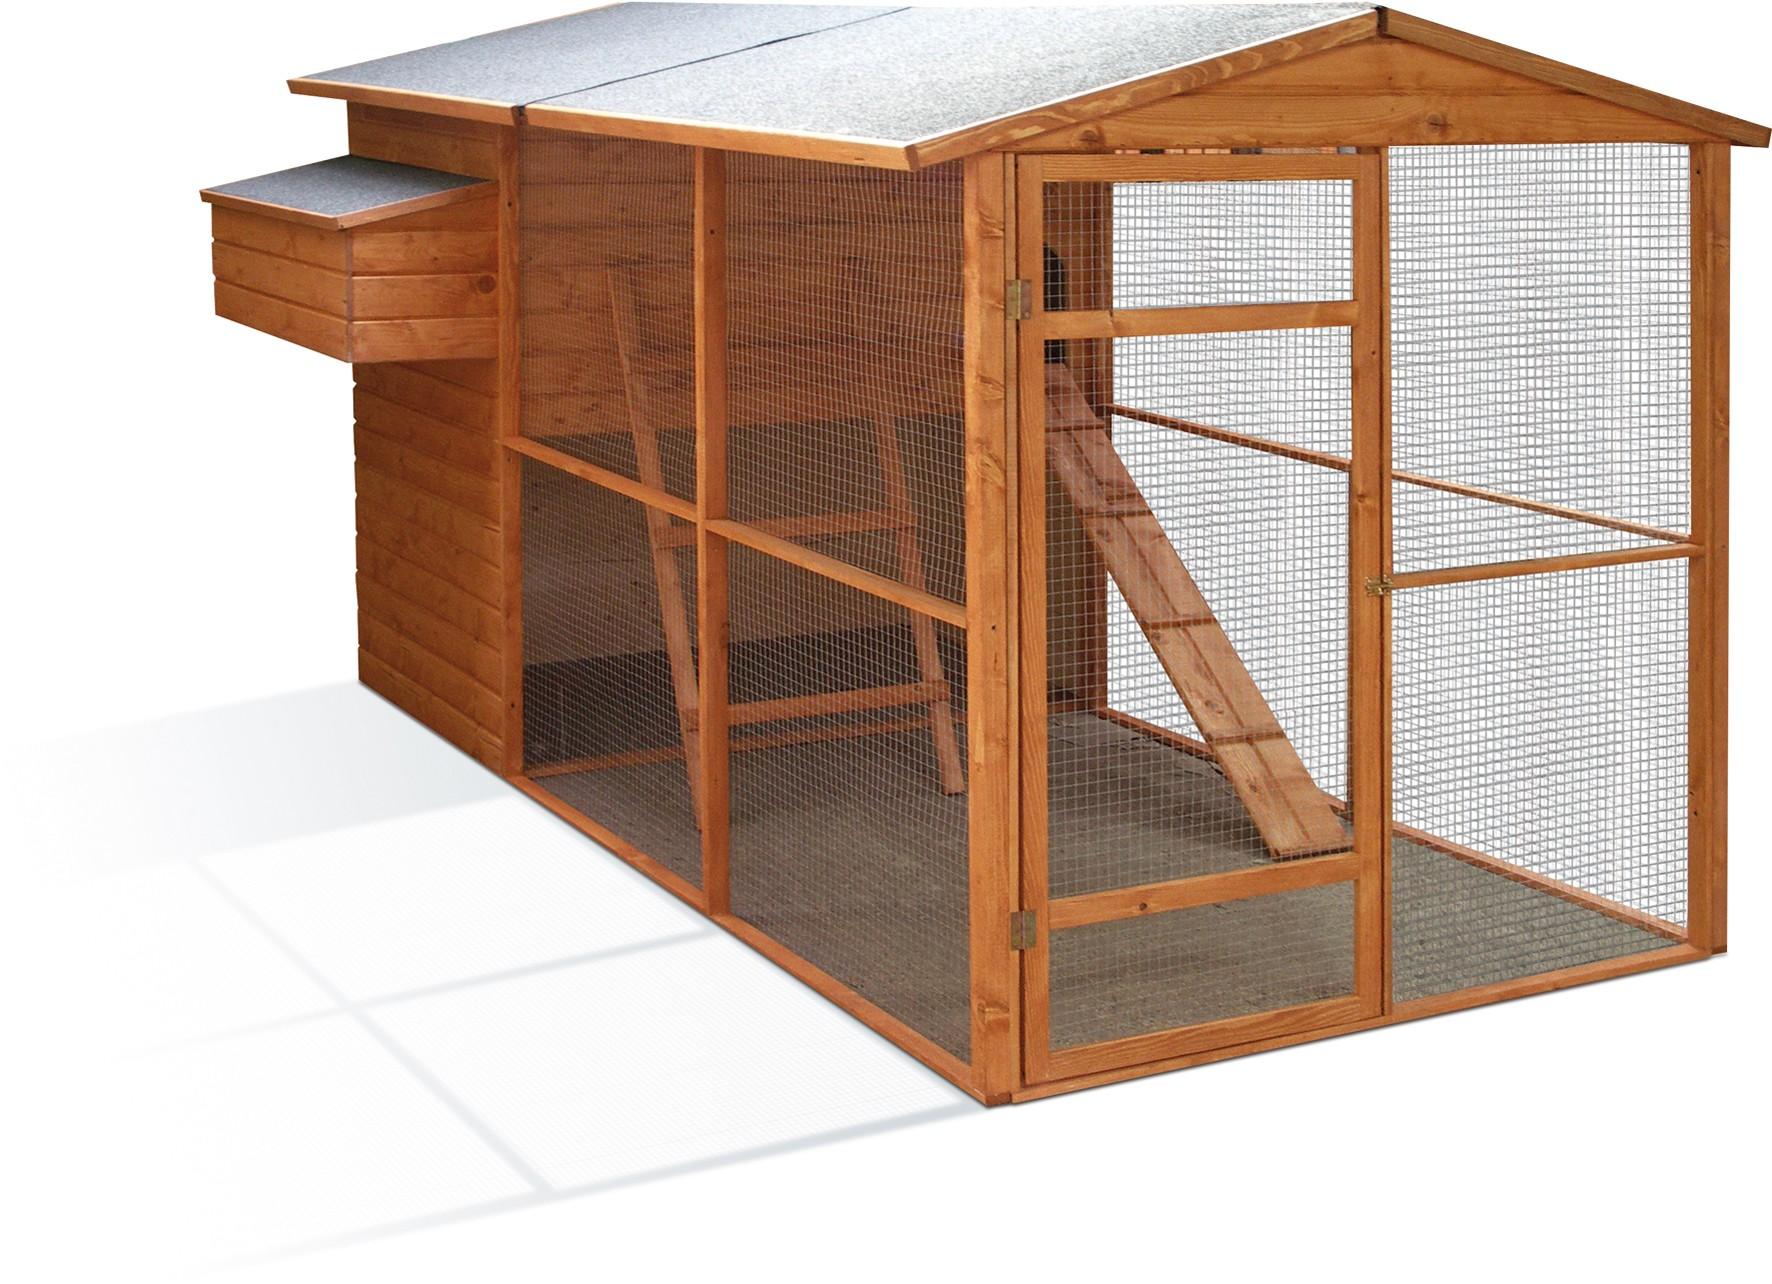 poulailler en bois chick. Black Bedroom Furniture Sets. Home Design Ideas